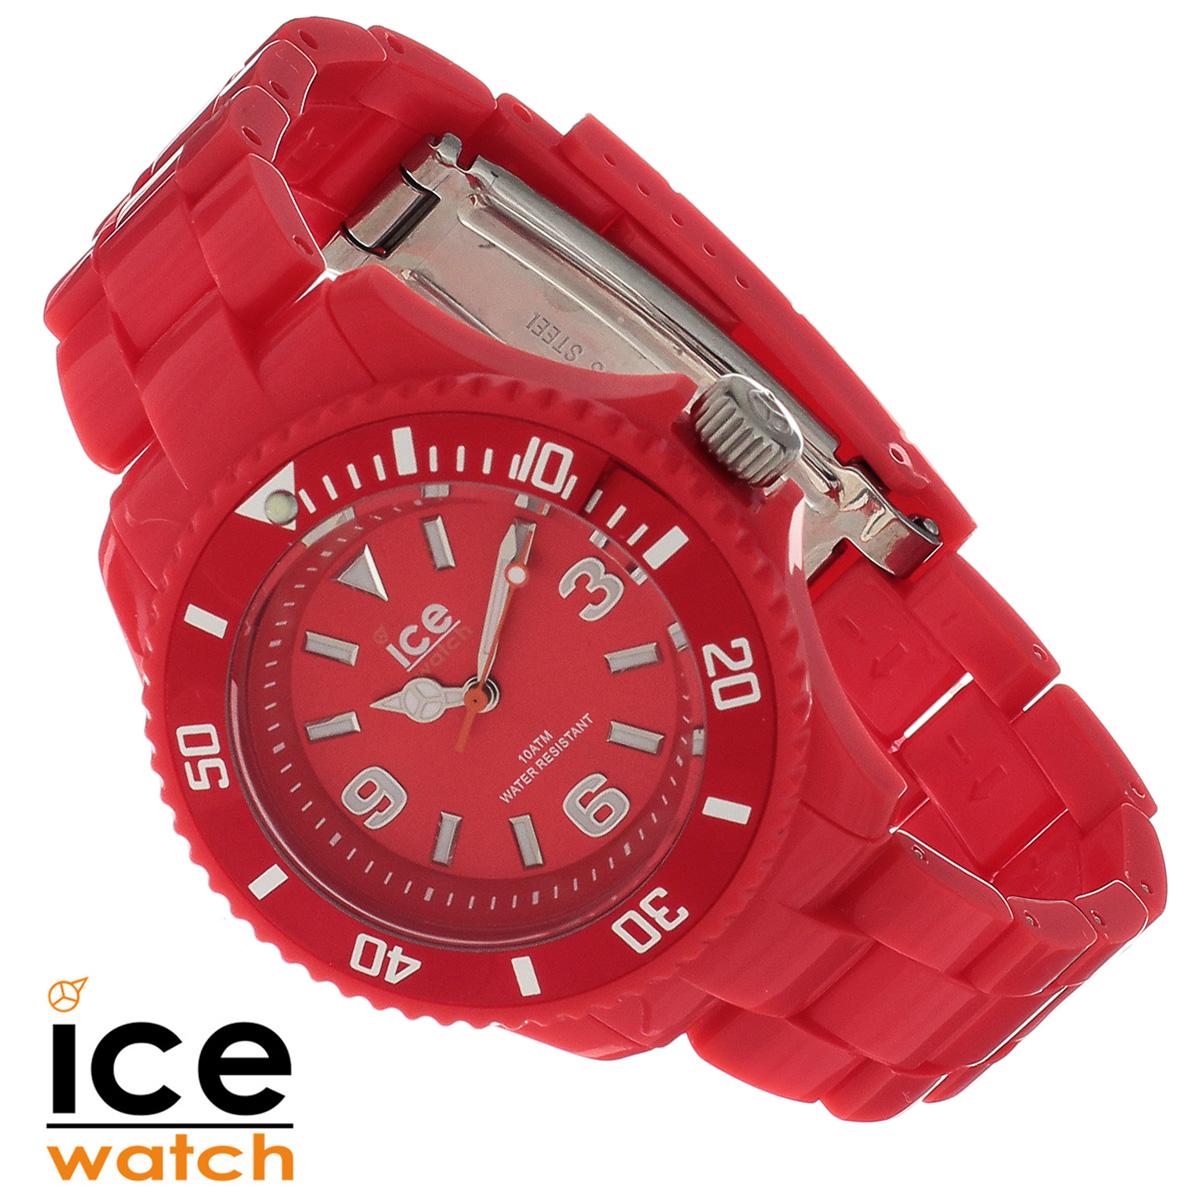 аромат часы ice watch в москве сыром помещении, например